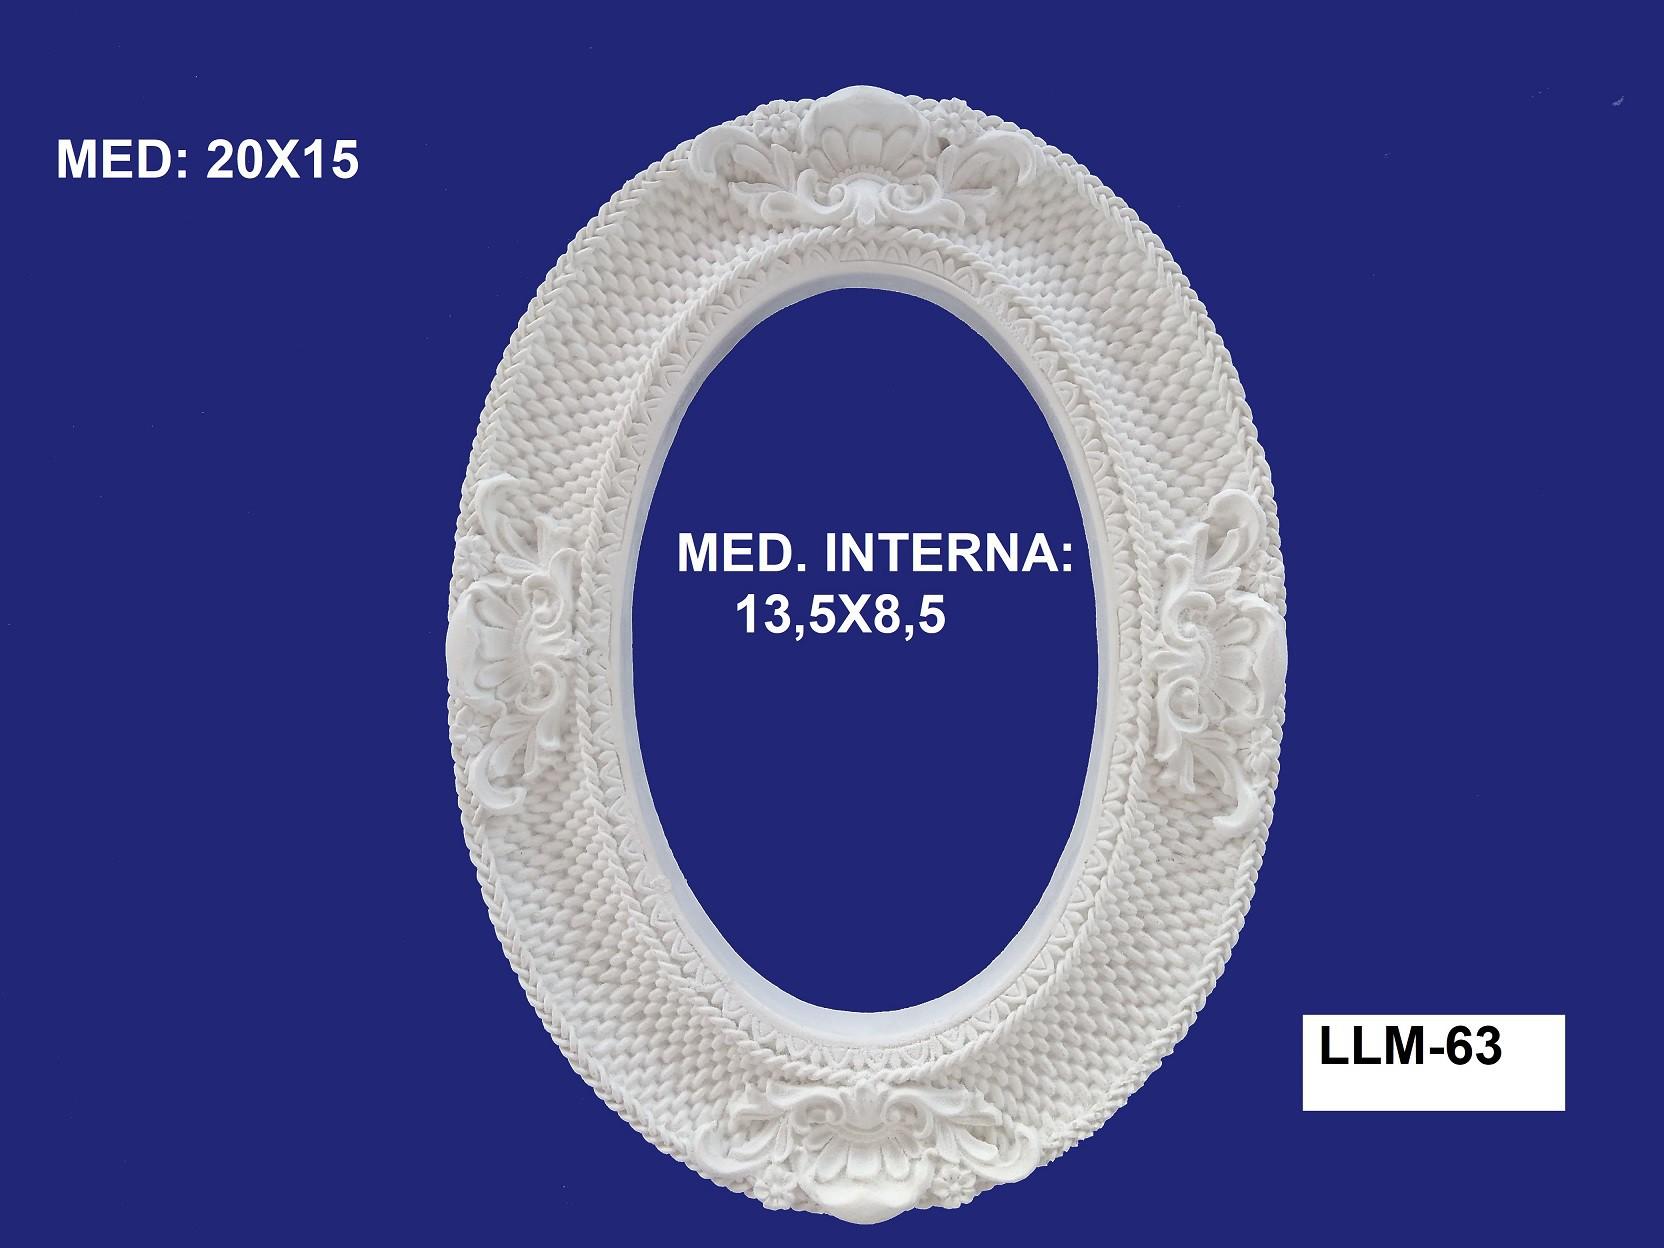 LLM-63 MOLDURA 20X15 INT: 13,5X8,5CM